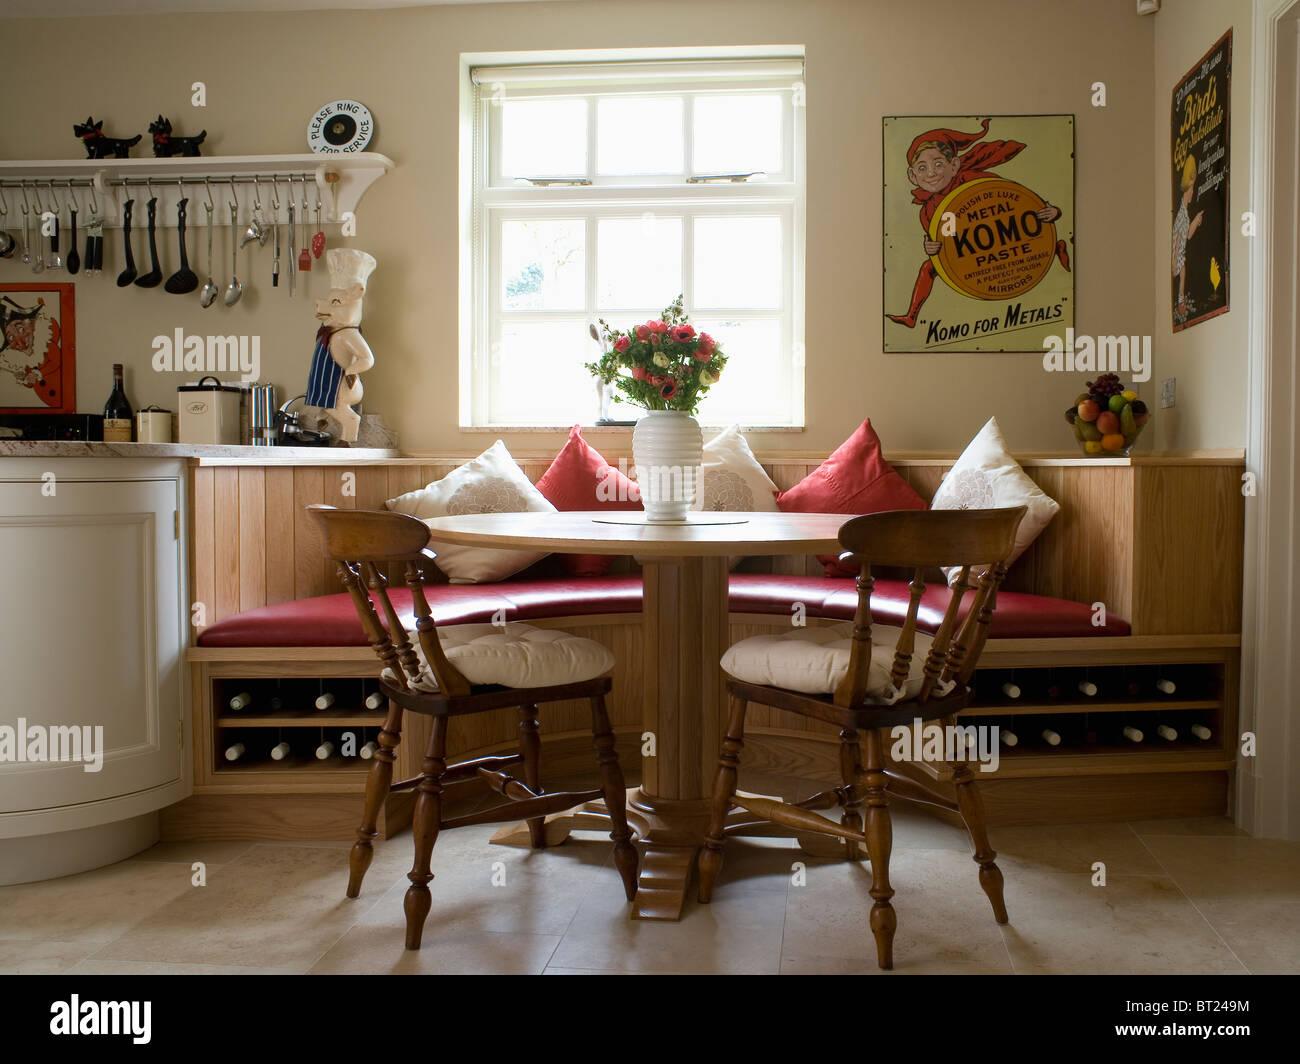 Tavola Circolare E Vecchie Sedie Di Legno In Cucina Sala Da Pranzo Camera Con Panca Montata Posti A Sedere Foto Stock Alamy